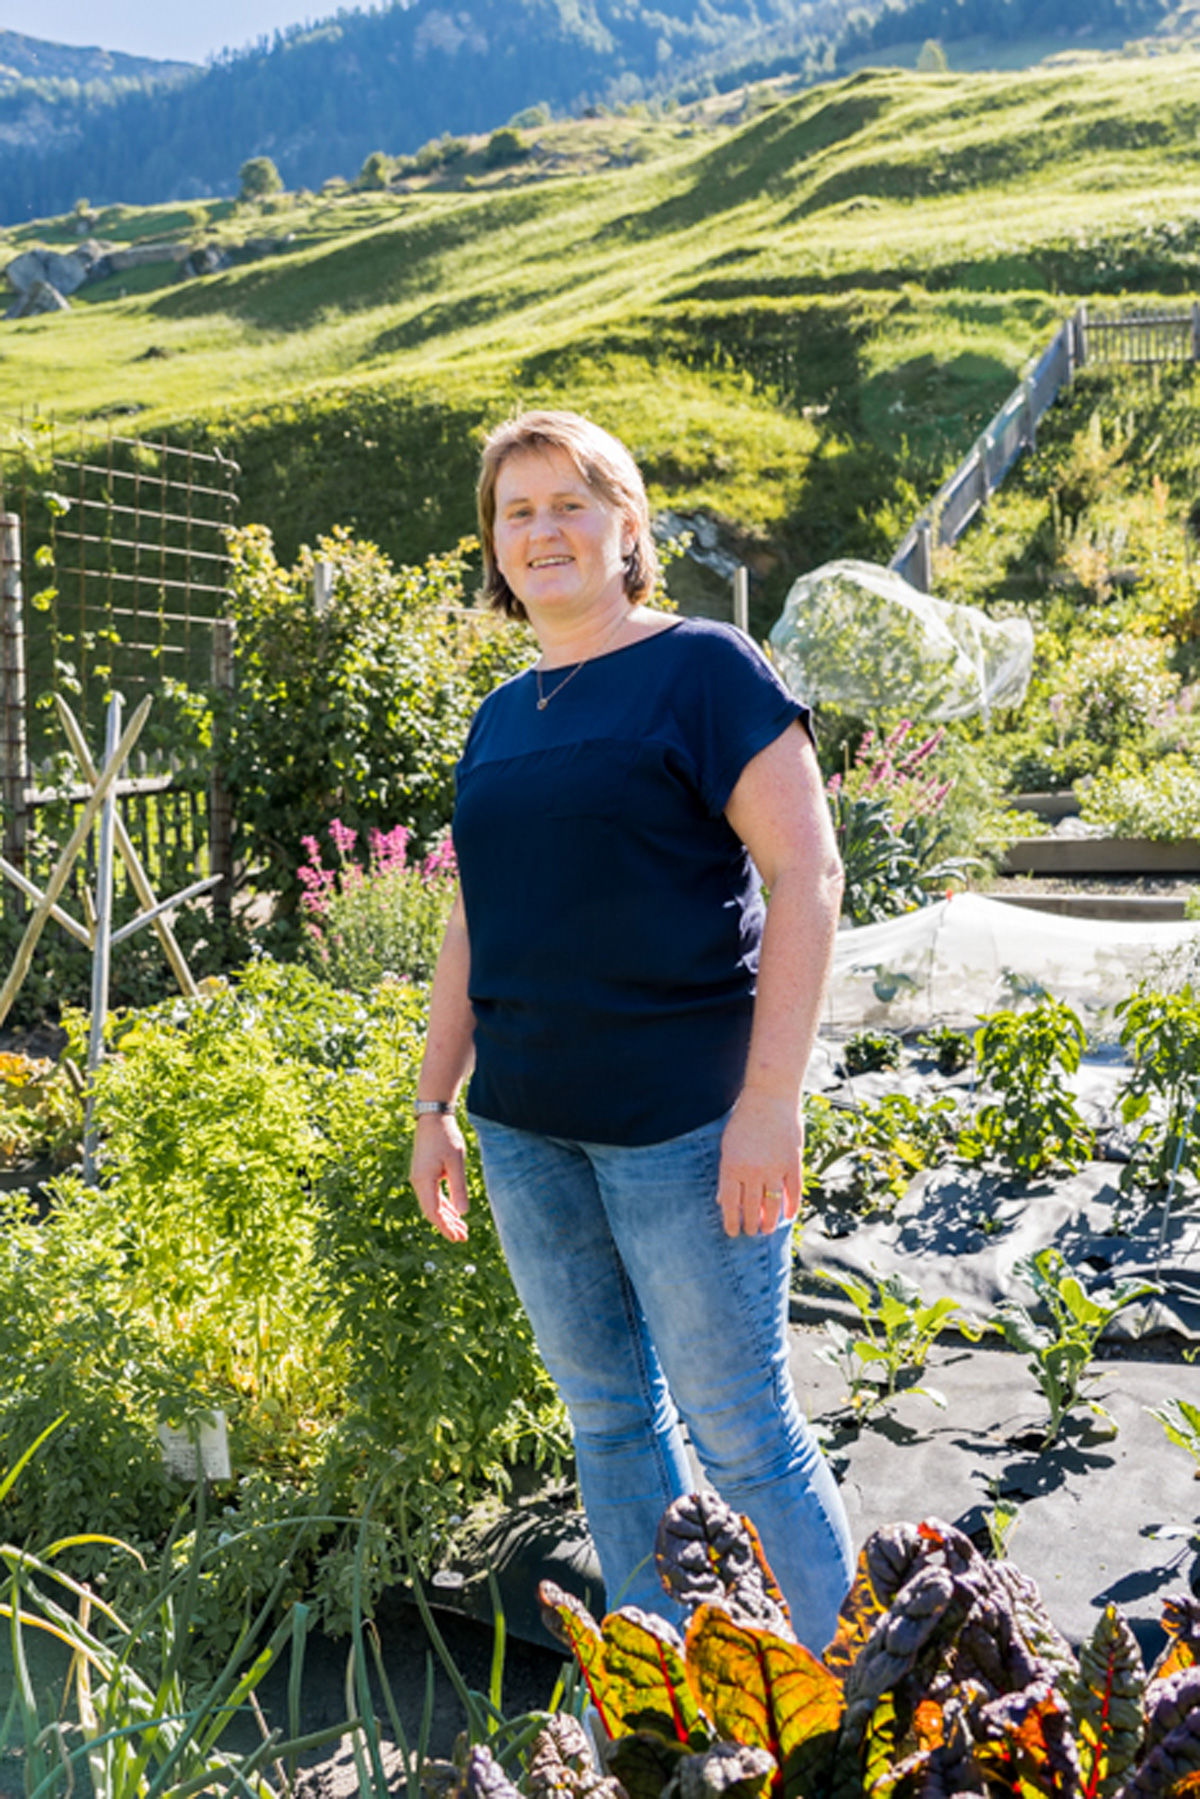 Vals in der Schweiz Claudia Vieli Oertle in ihrem Kraeutergarten in Vals